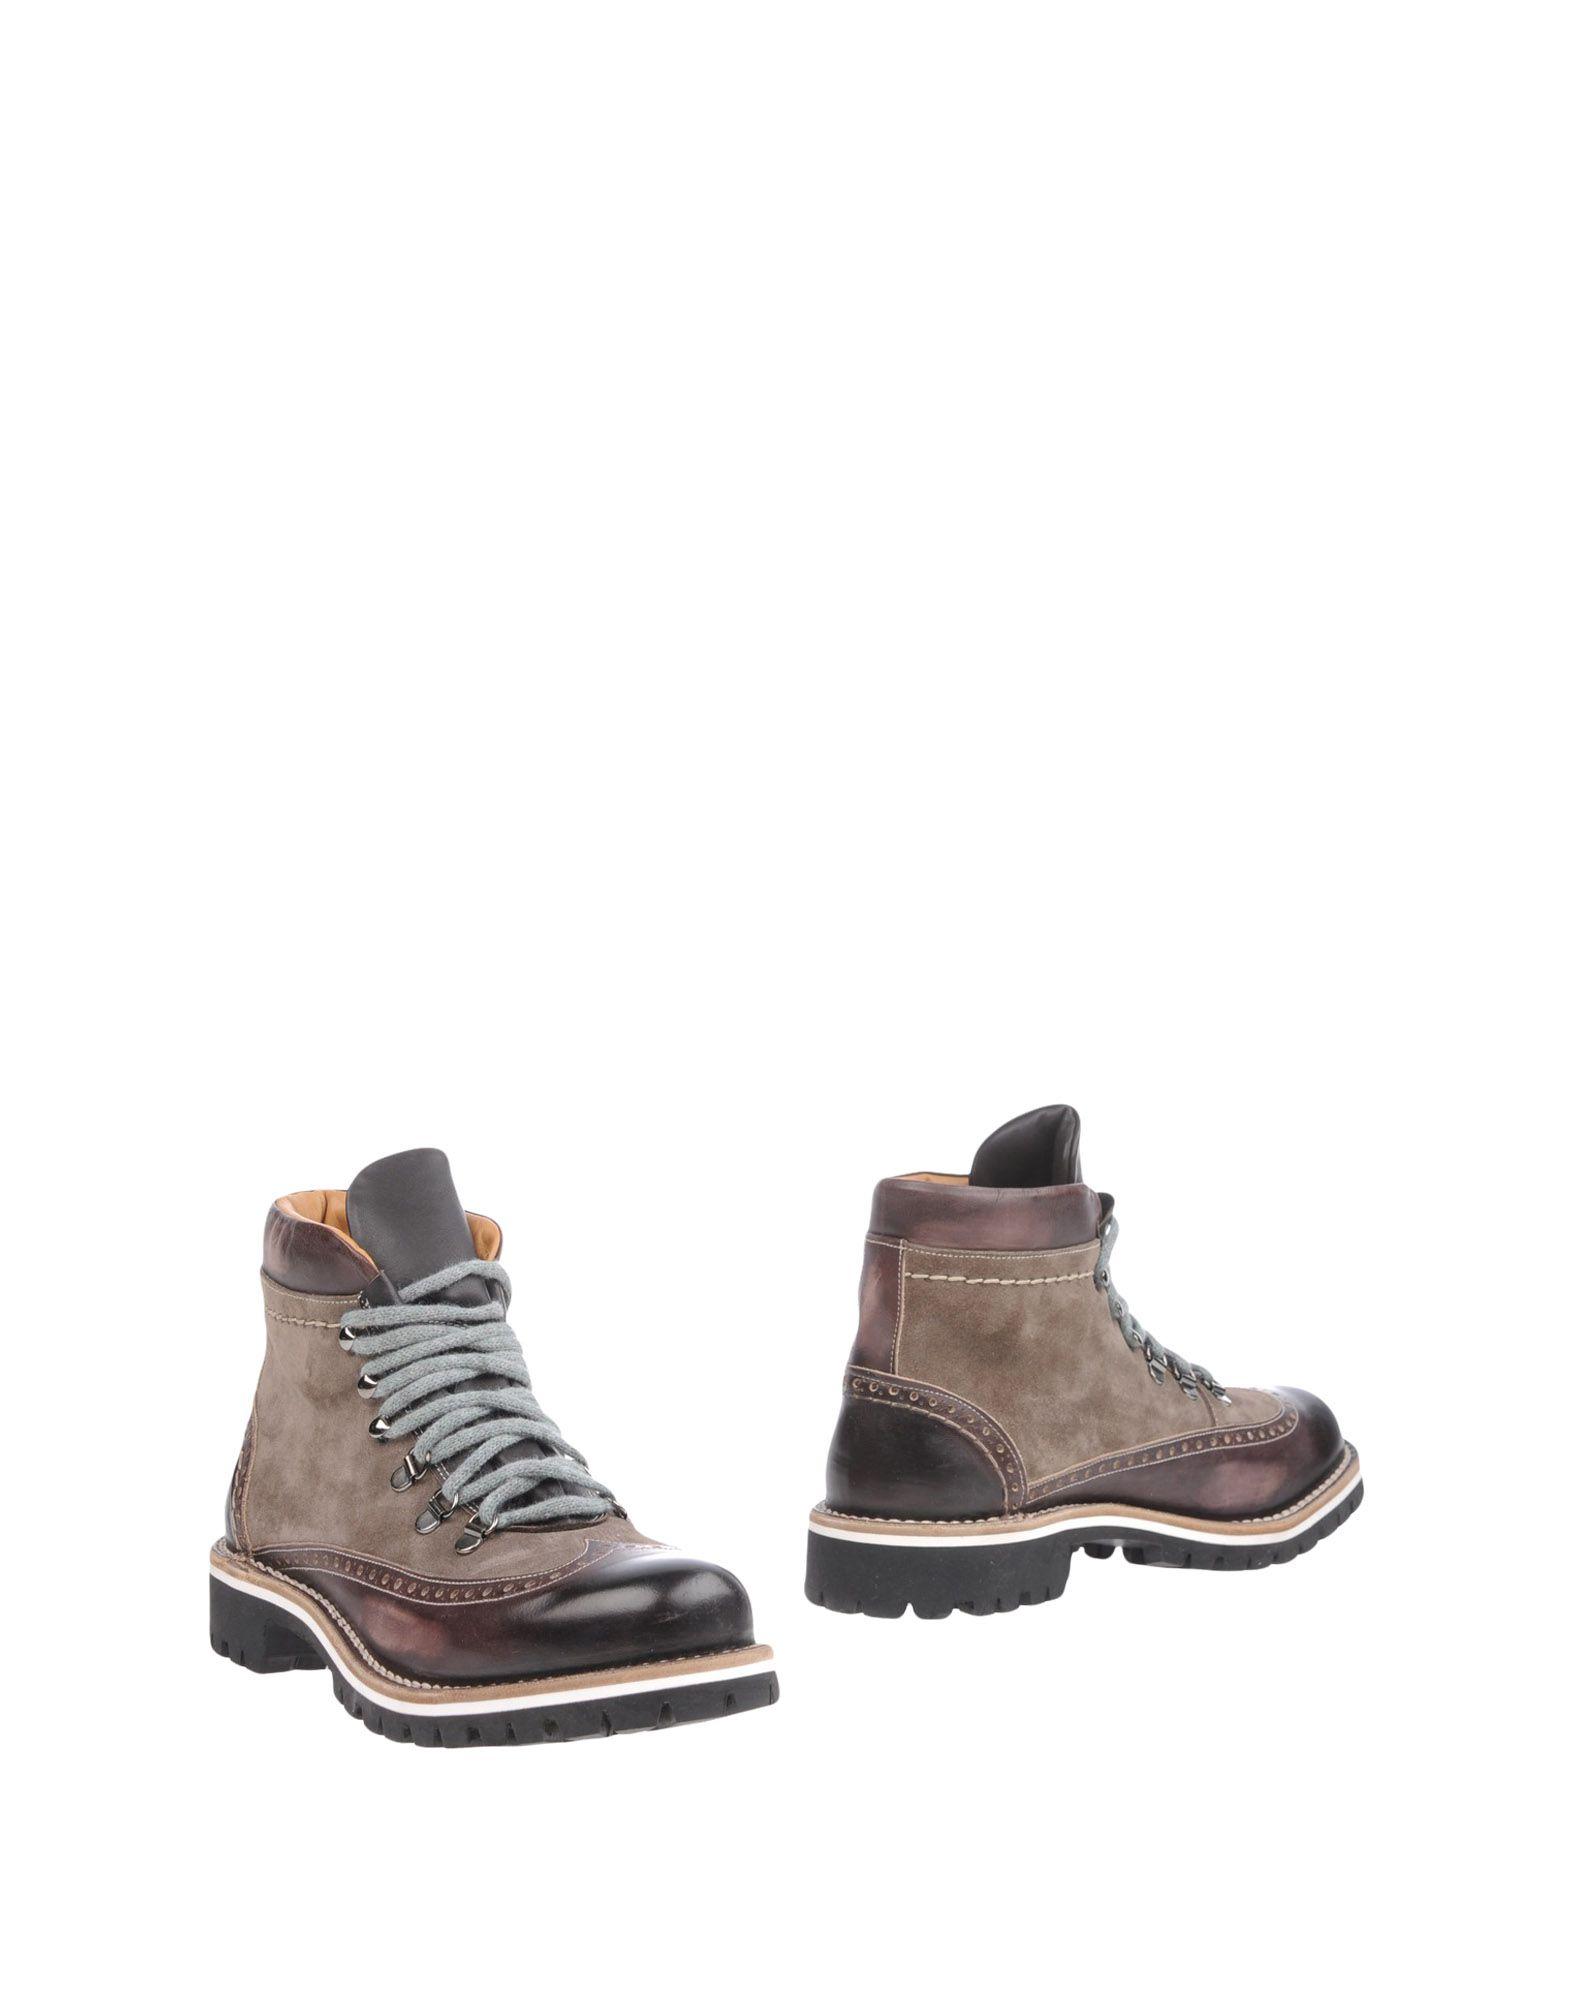 CLAUDIO MARINI Полусапоги и высокие ботинки цены онлайн